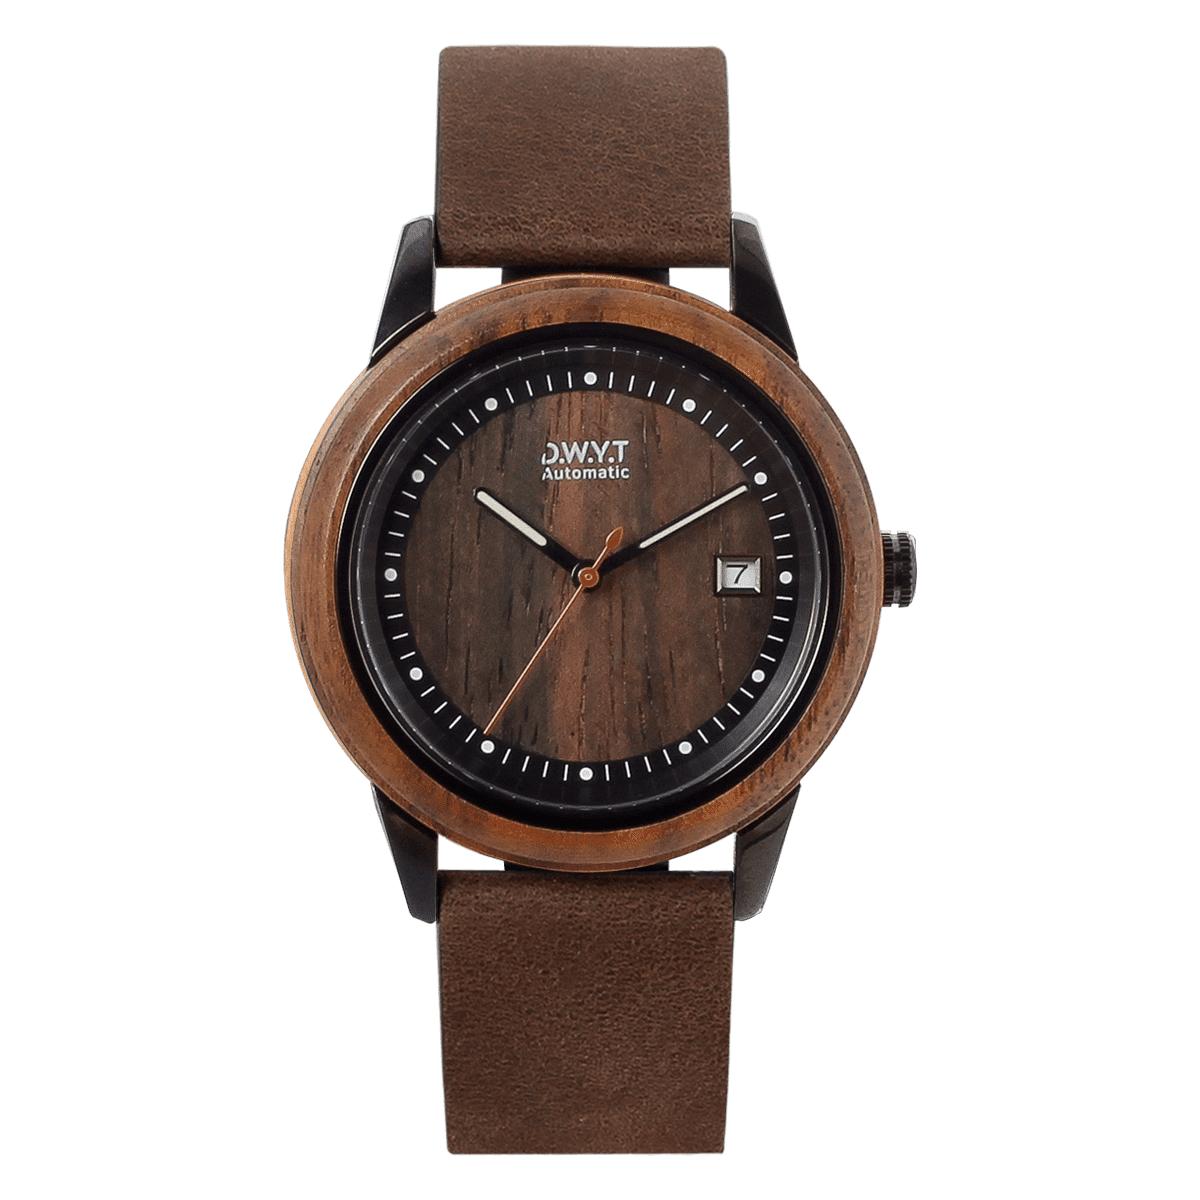 Montre automatique Night Mood avec bracelet en cuir grainé cacao